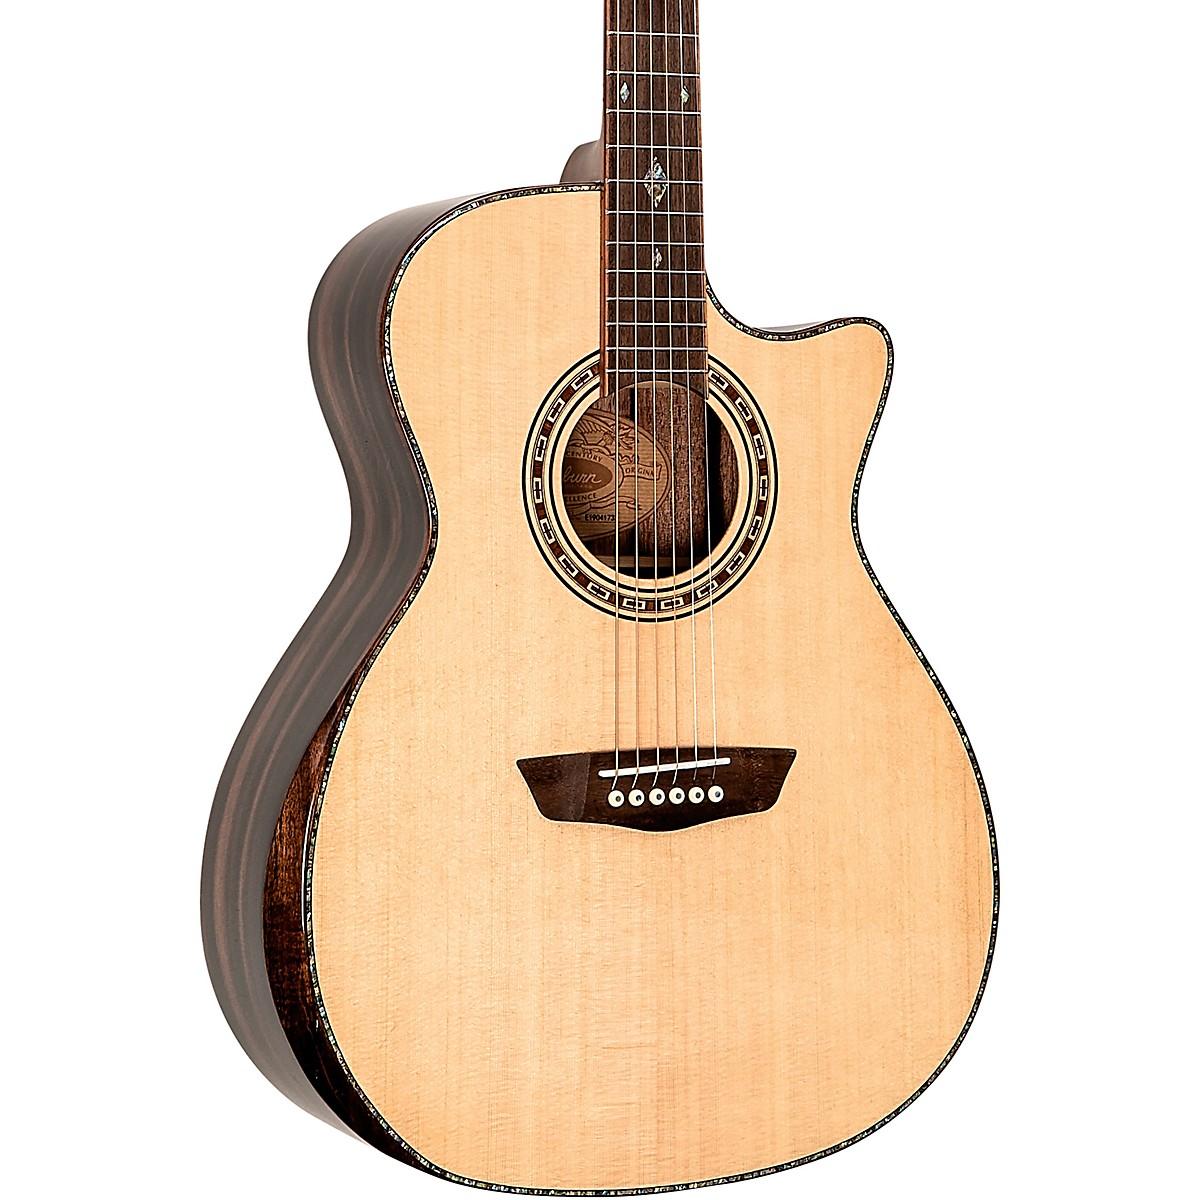 Washburn WCG80 Comfort Series Grand Auditorium Cutaway Acoustic-Electric Guitar